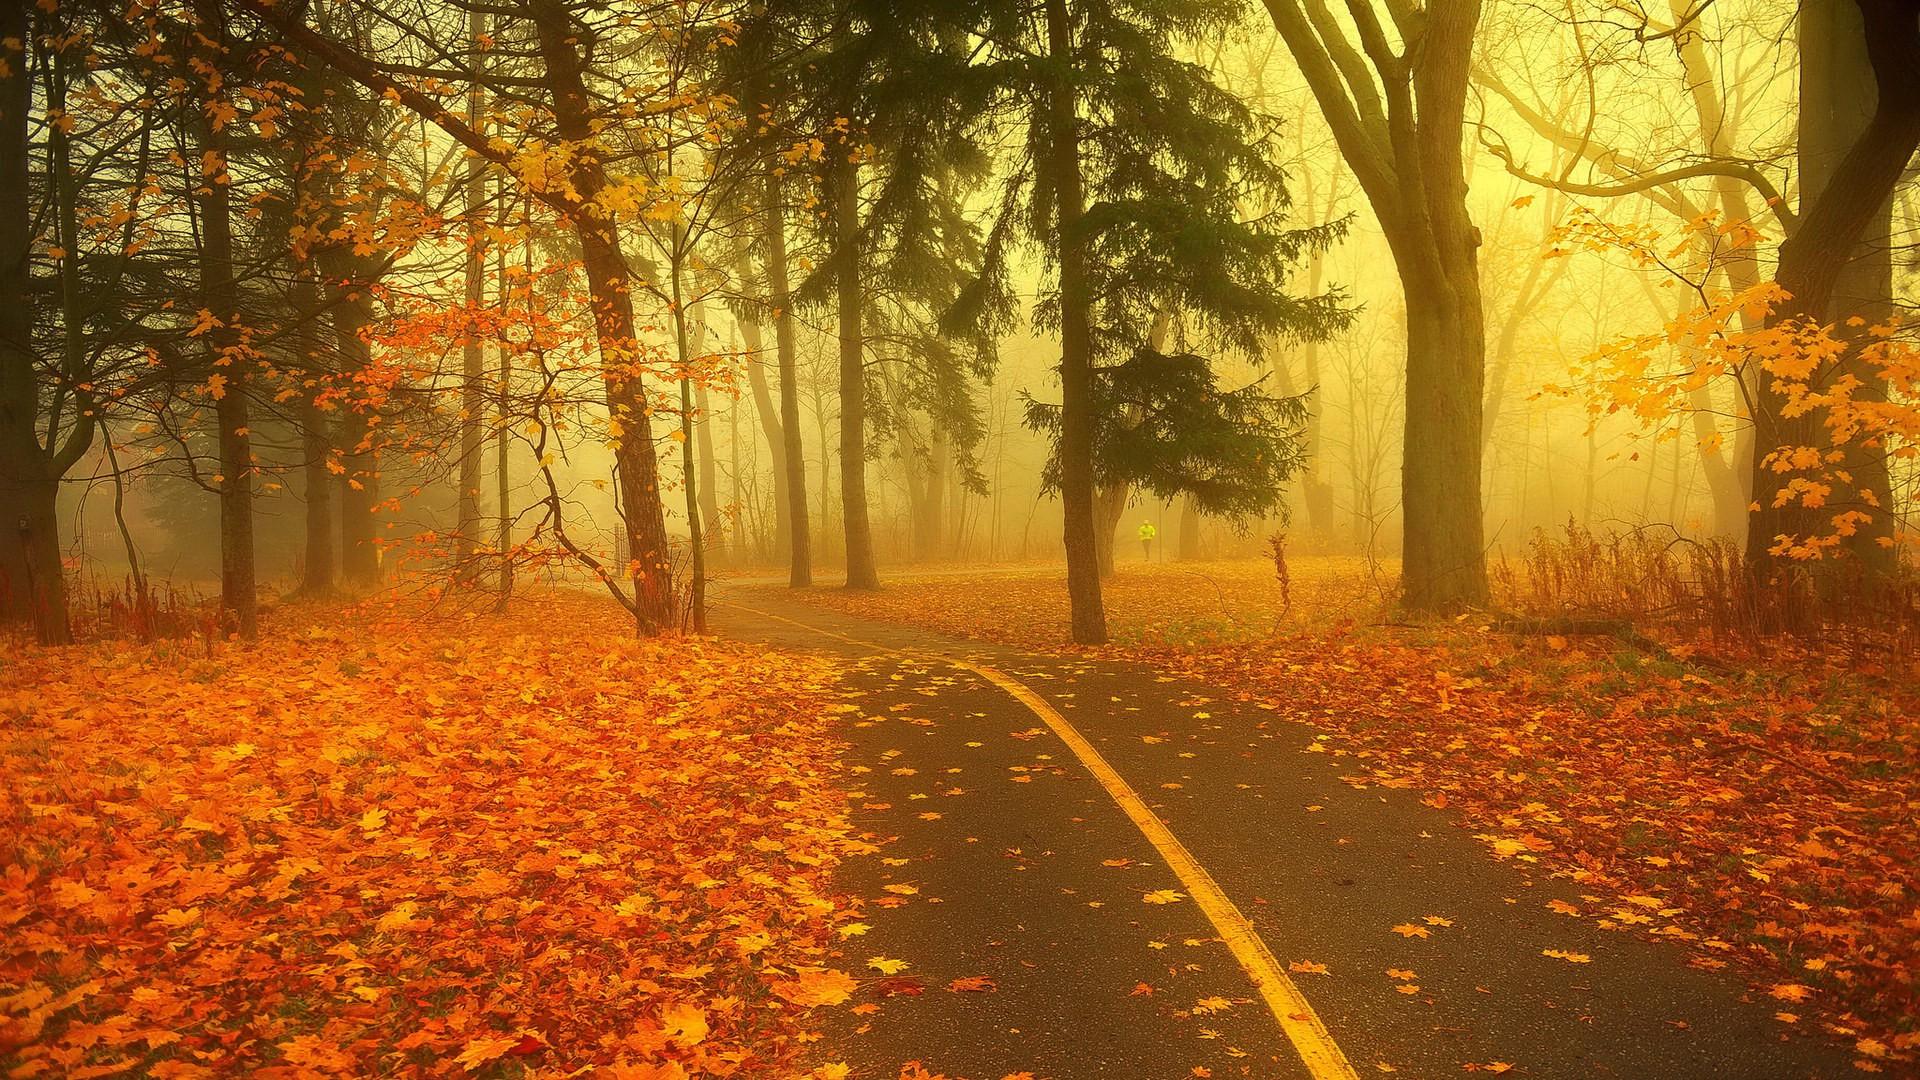 >> 描写秋天的句子和段落  仿写一段描写秋天景物的文字答:1,枫树叶子